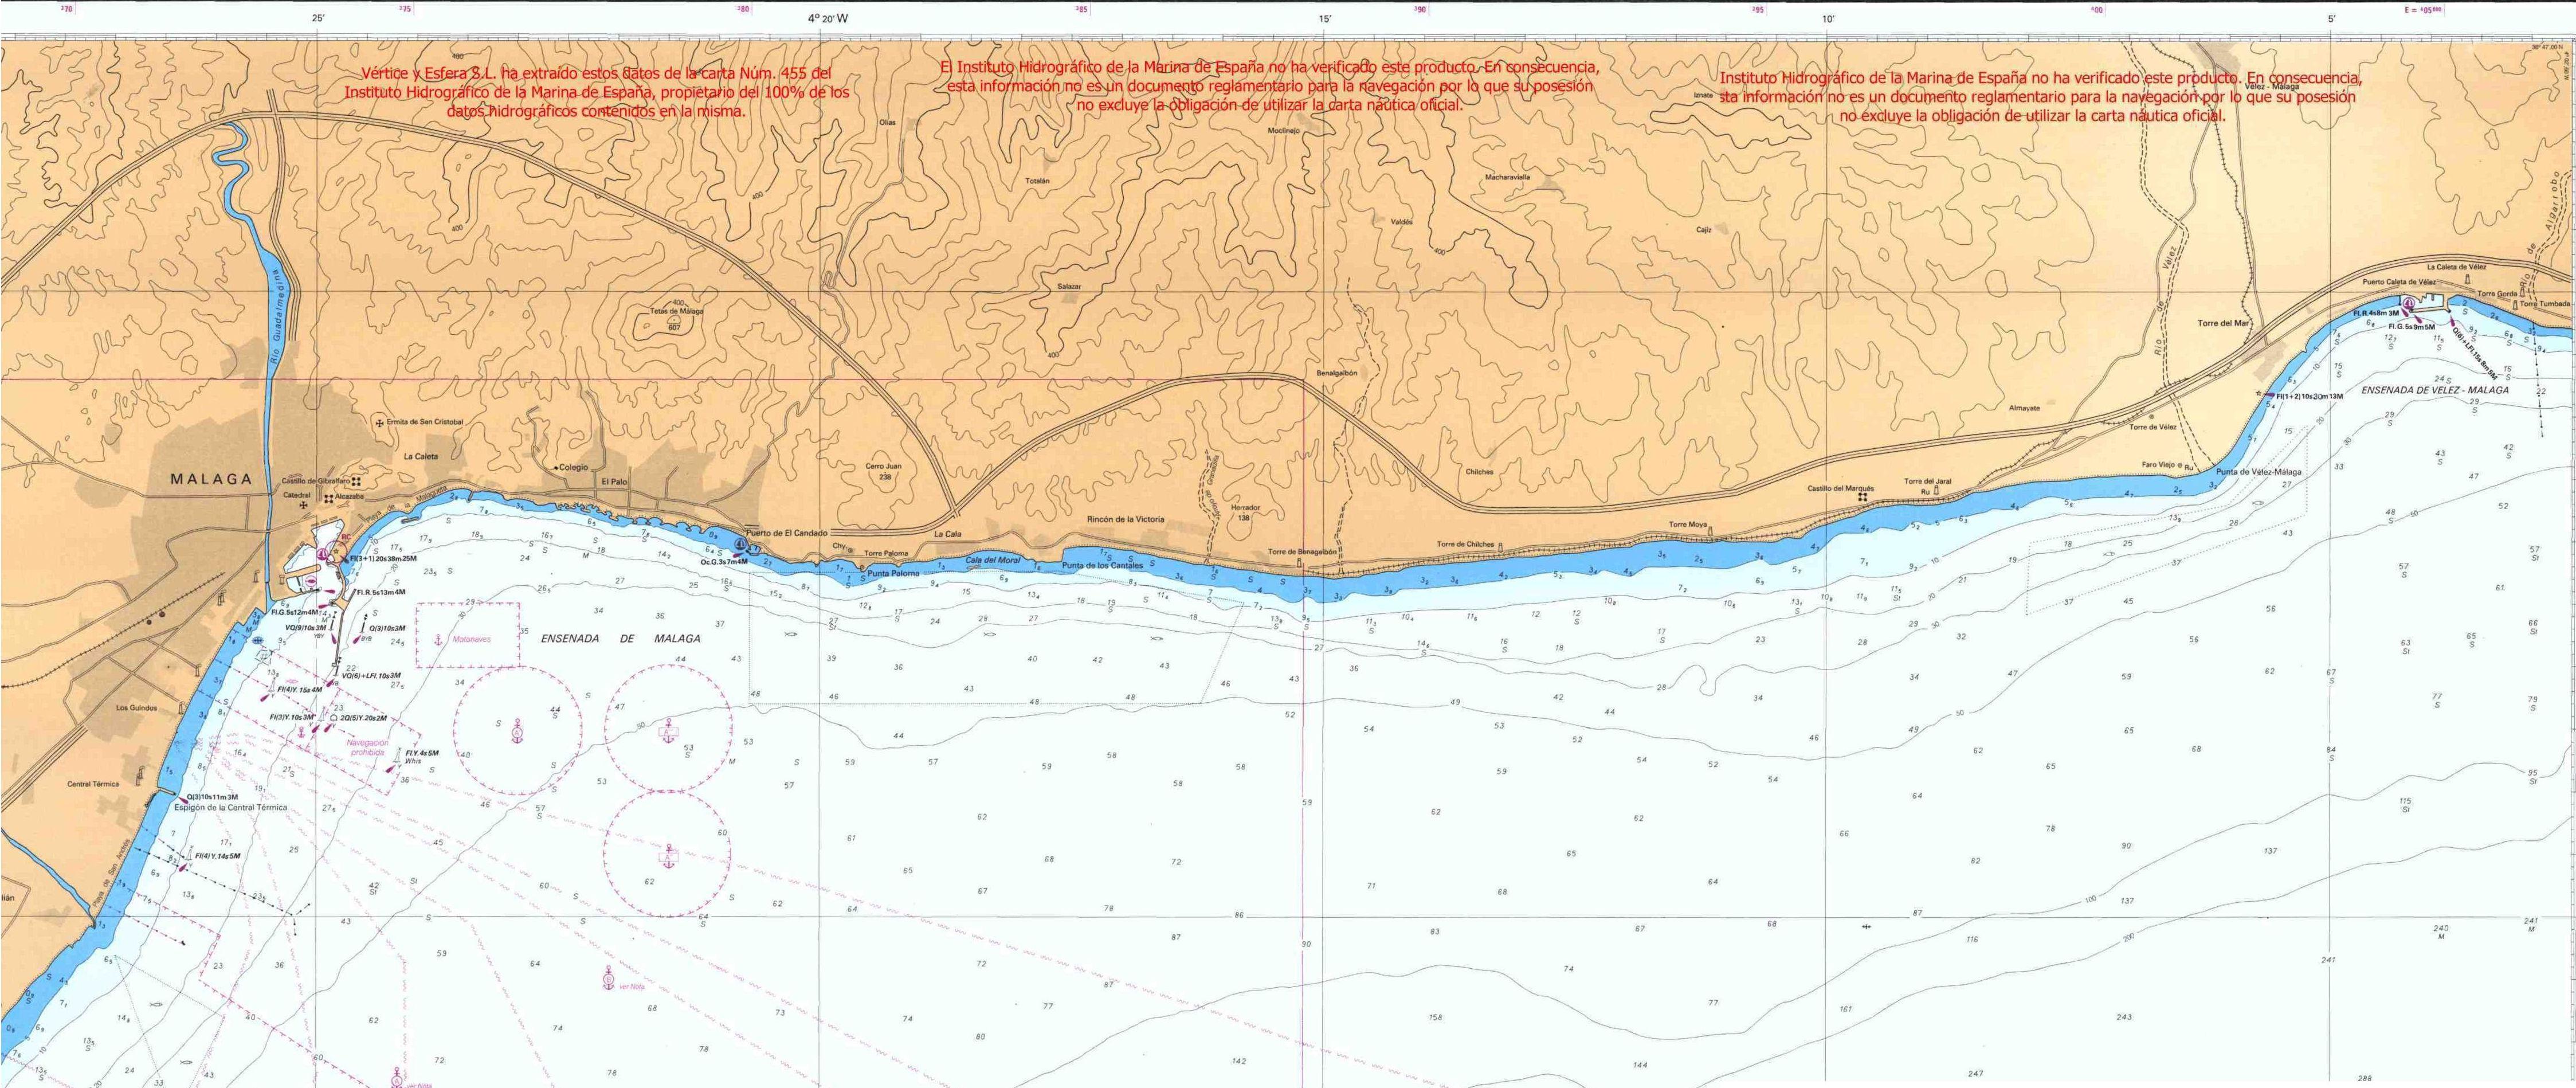 Carta náutica de la costa entre Málaga y Caleta de Vélez